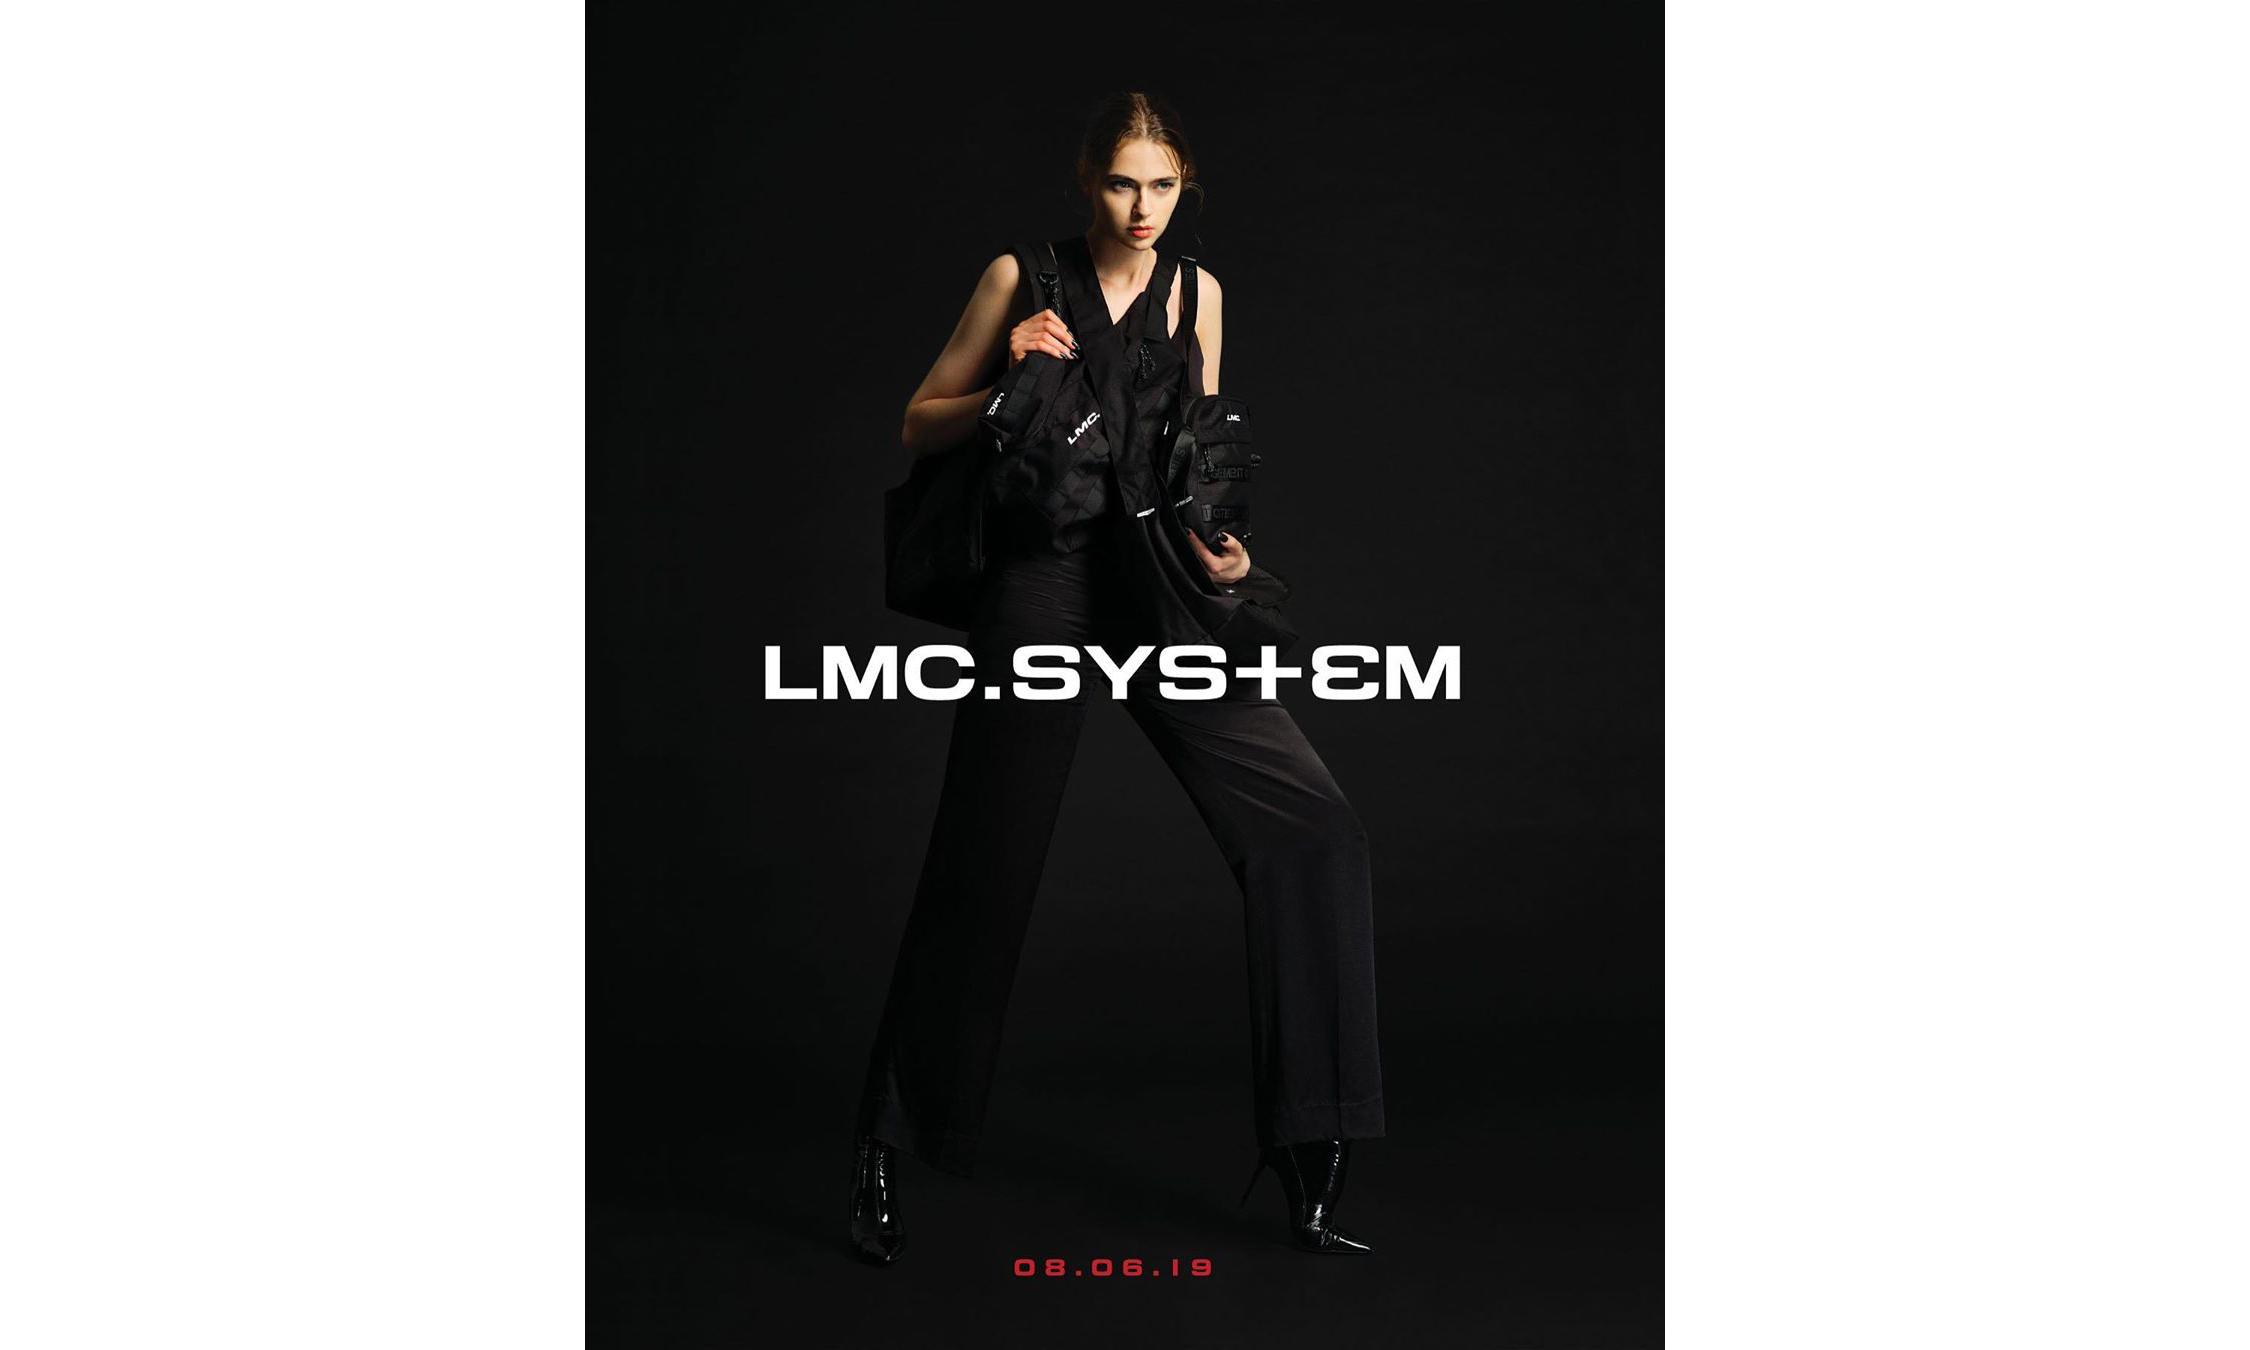 韩国品牌 LMC. 发布全新包款系列:LMC. SYS+3M